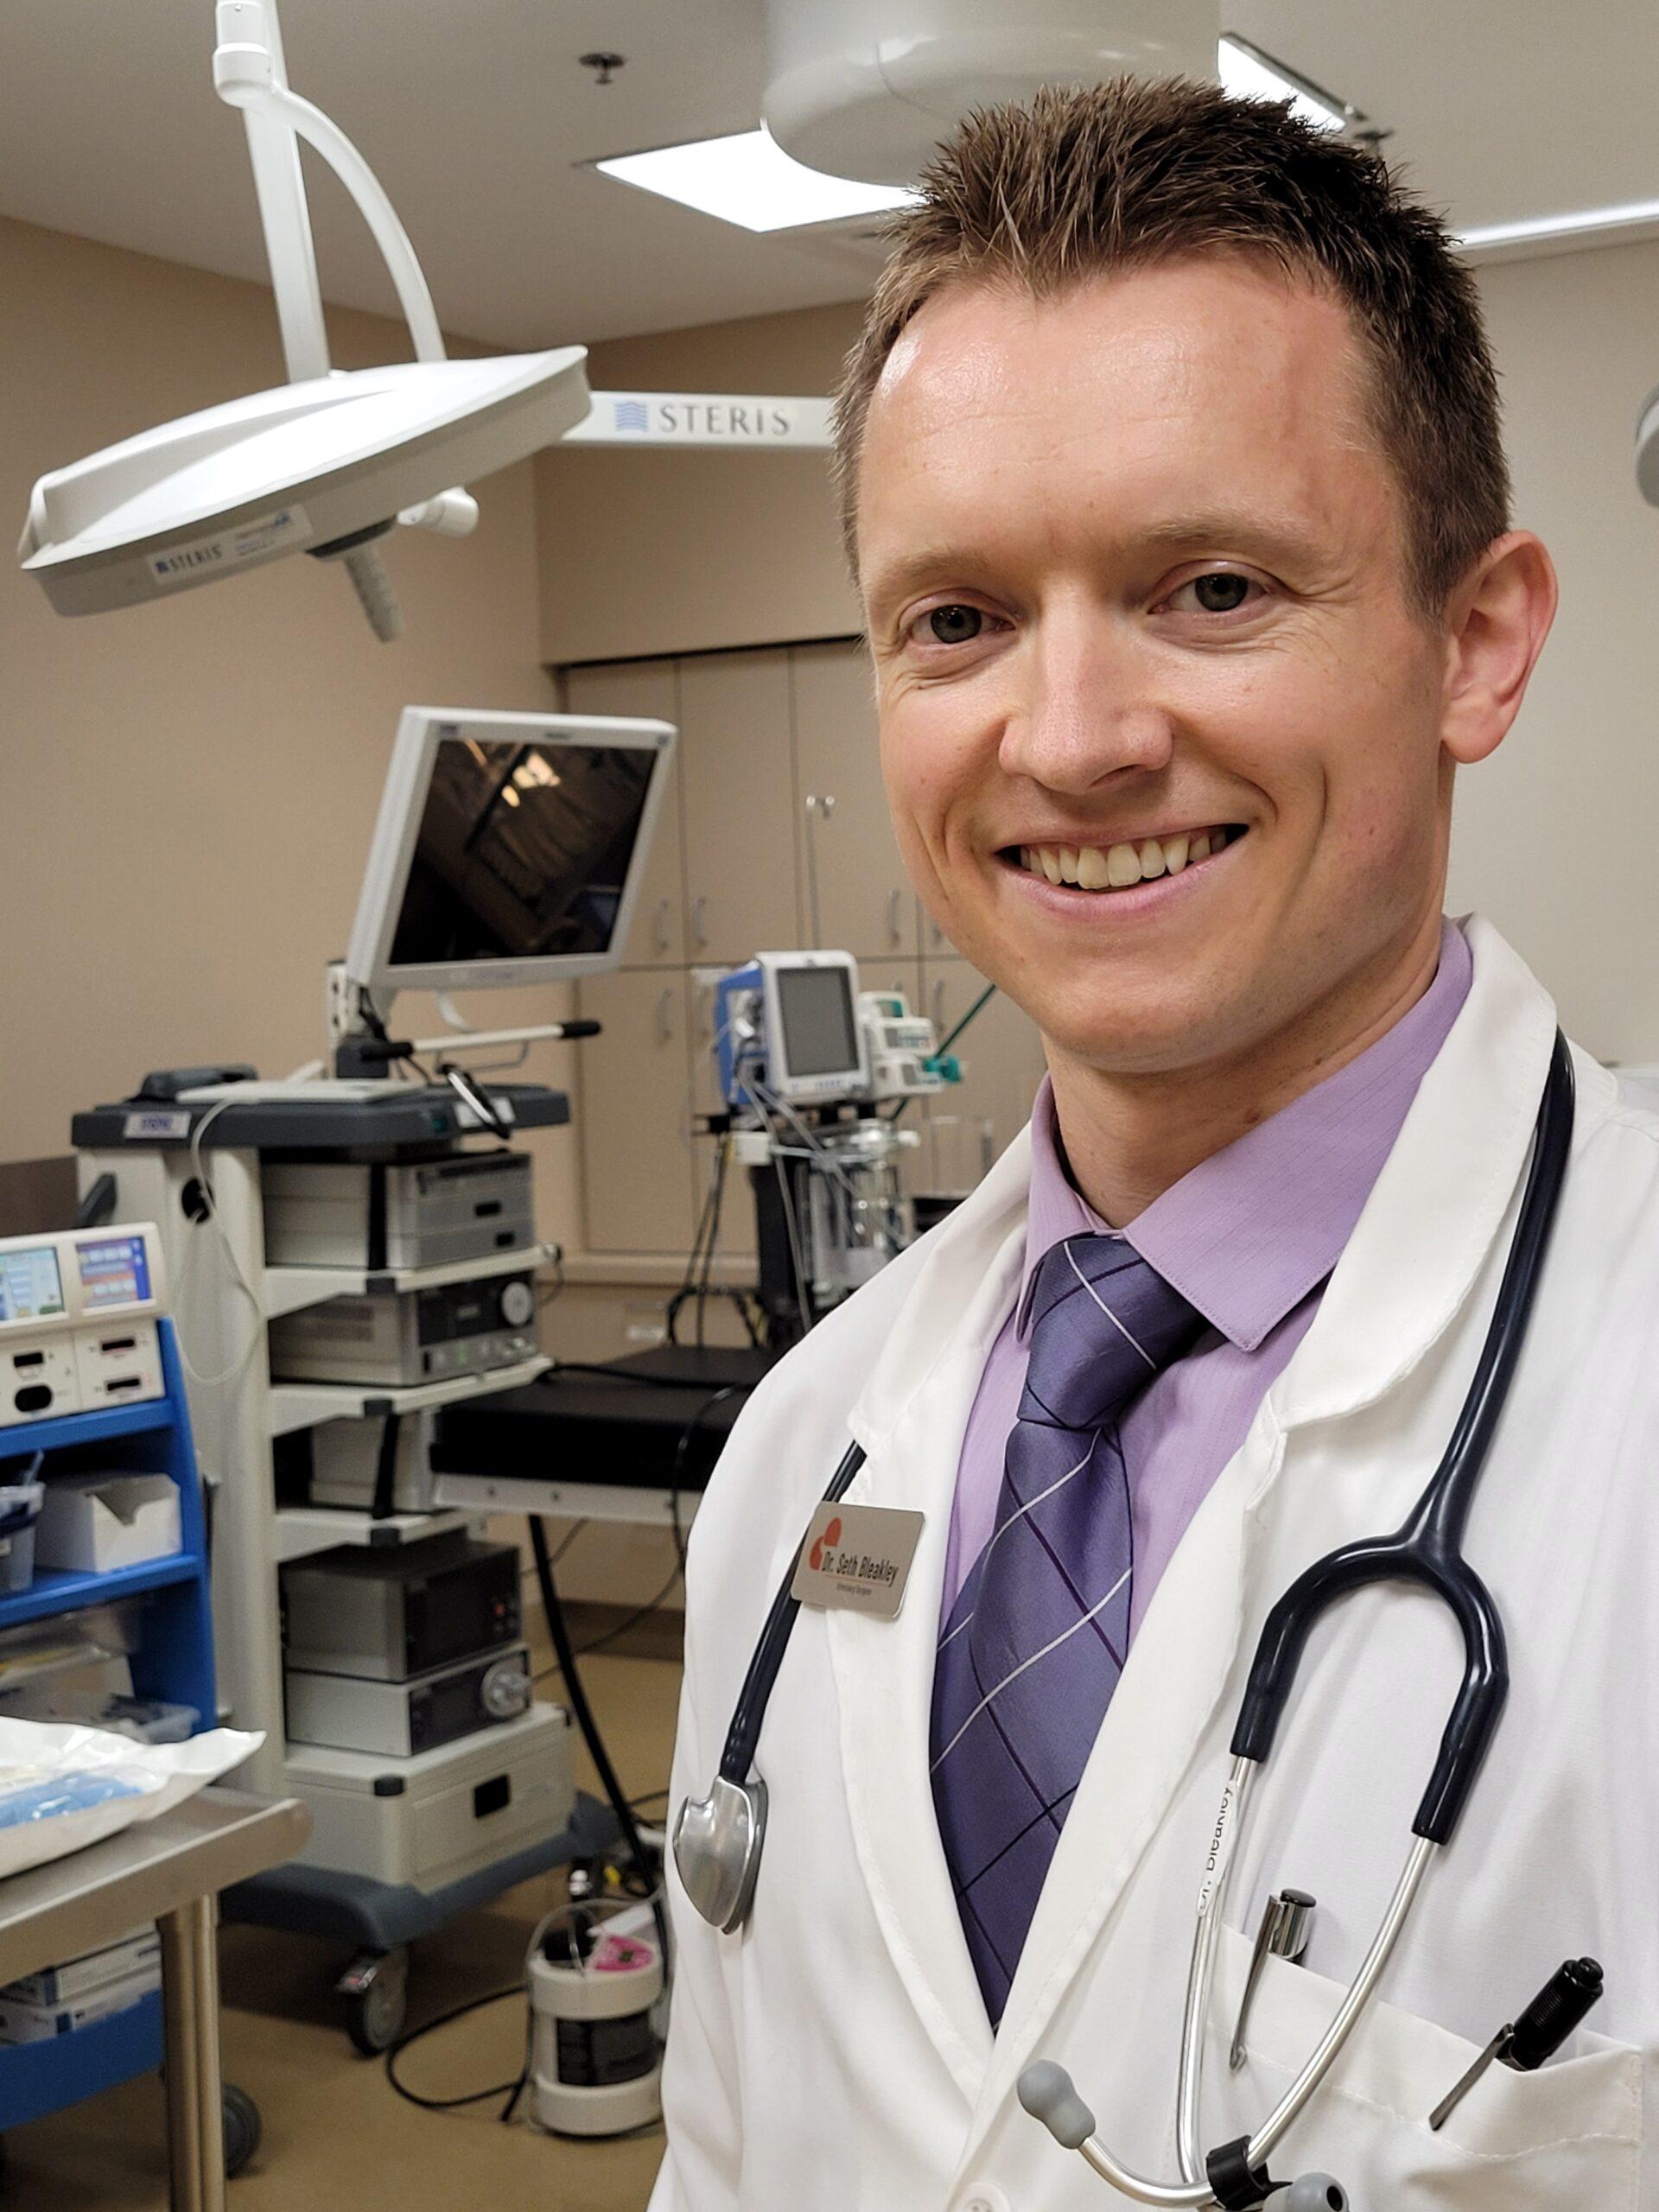 VES Member Spotlight: Dr. Bleakley